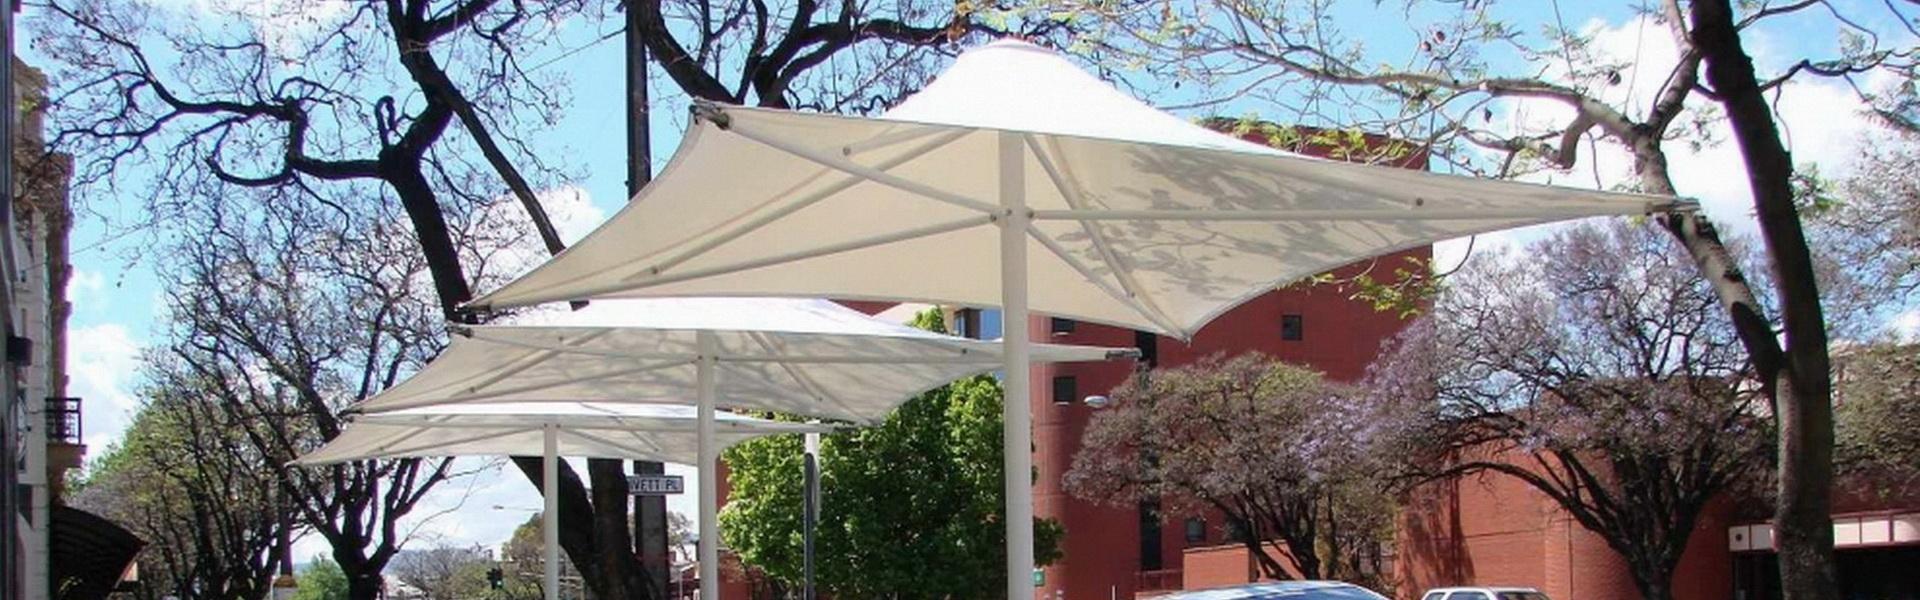 膜结构伞,膜结构雨伞,膜结构建筑伞,膜建筑遮阳伞